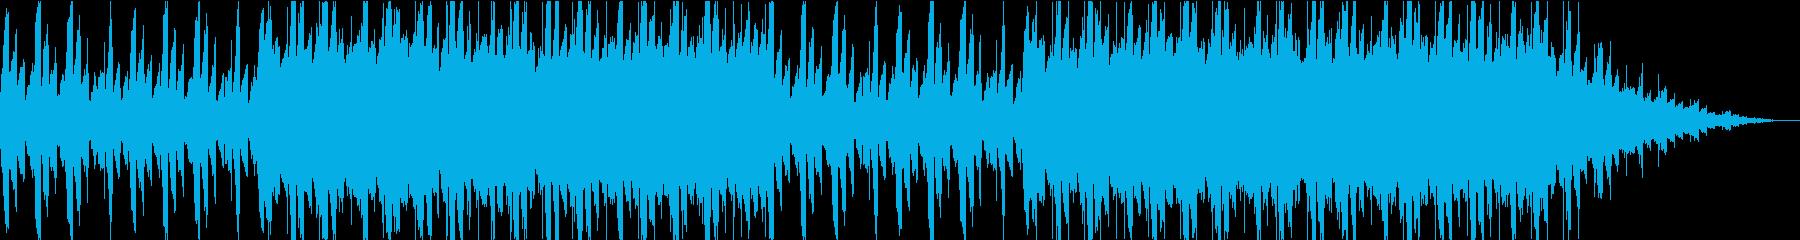 浮遊感。不思議。ピアノエレクトロニカの再生済みの波形